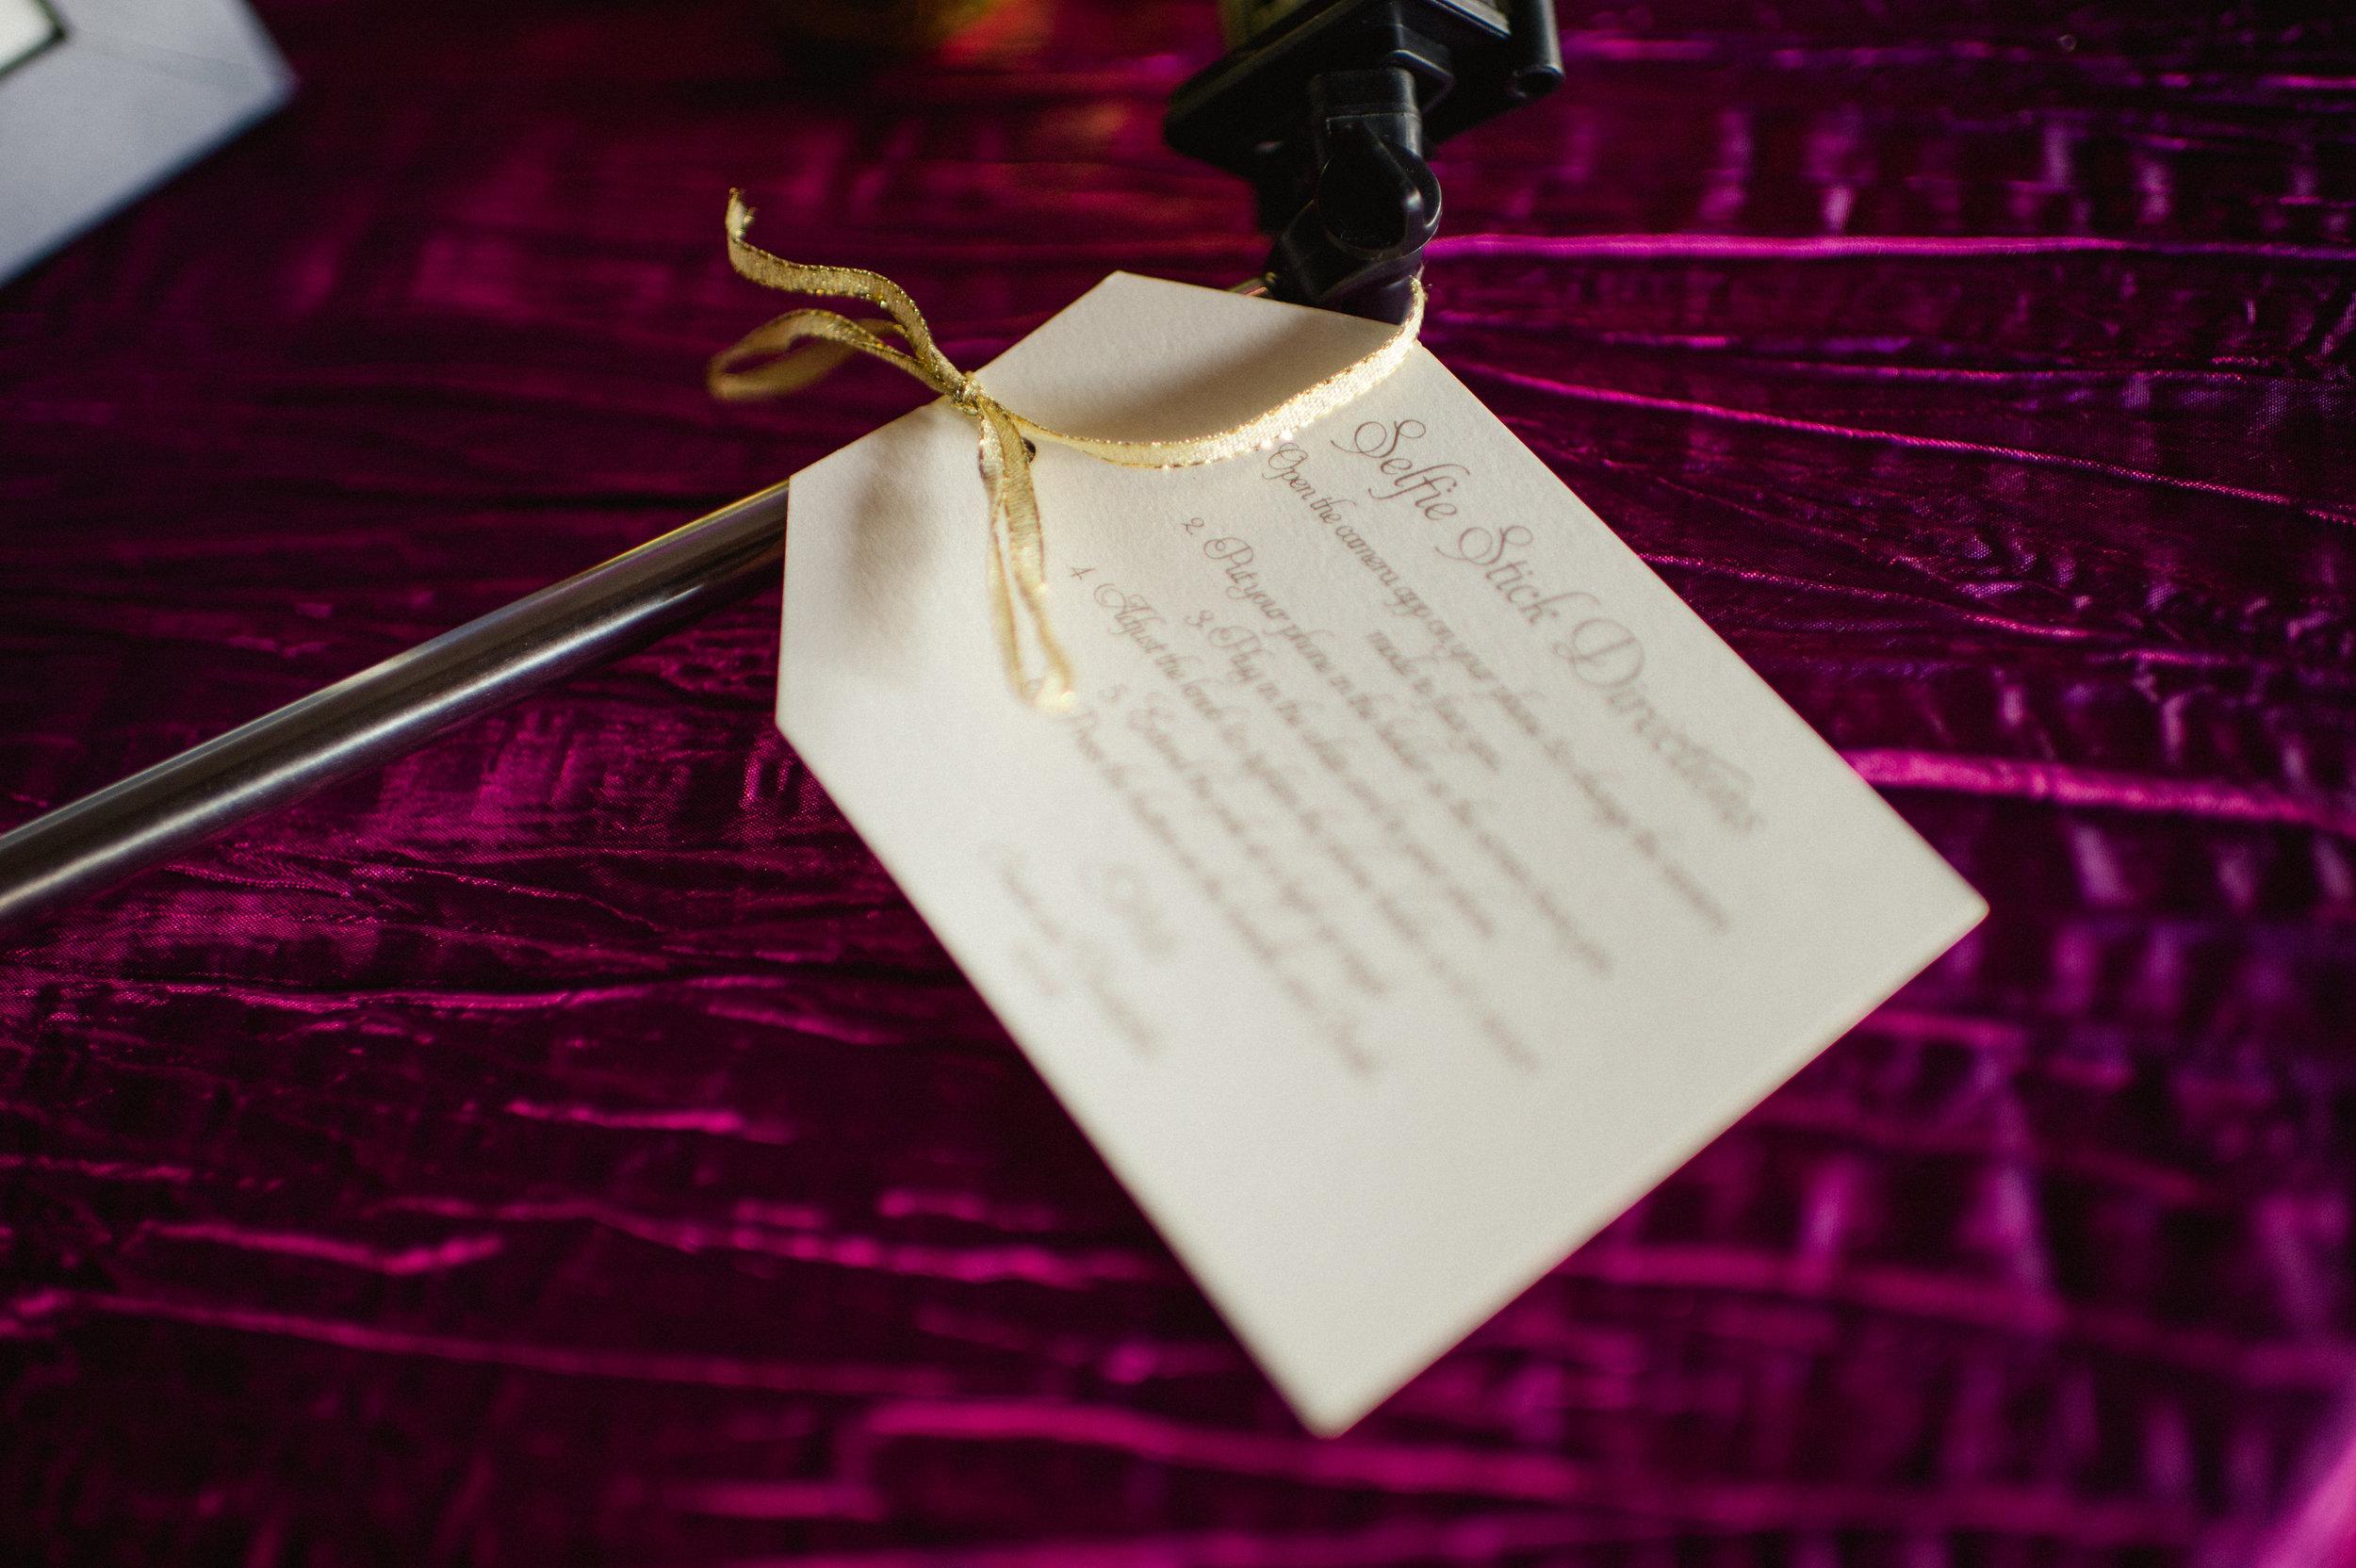 imani&chris|wedding|details-68.jpg